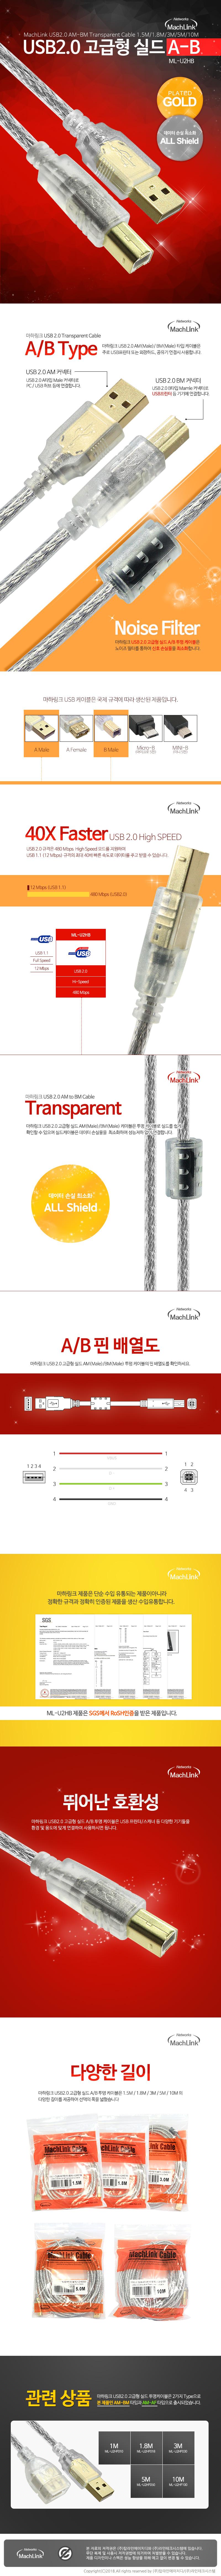 마하링크  USB2.0 Type B 고급형 실드 케이블 (ML-U2HB)(10m)